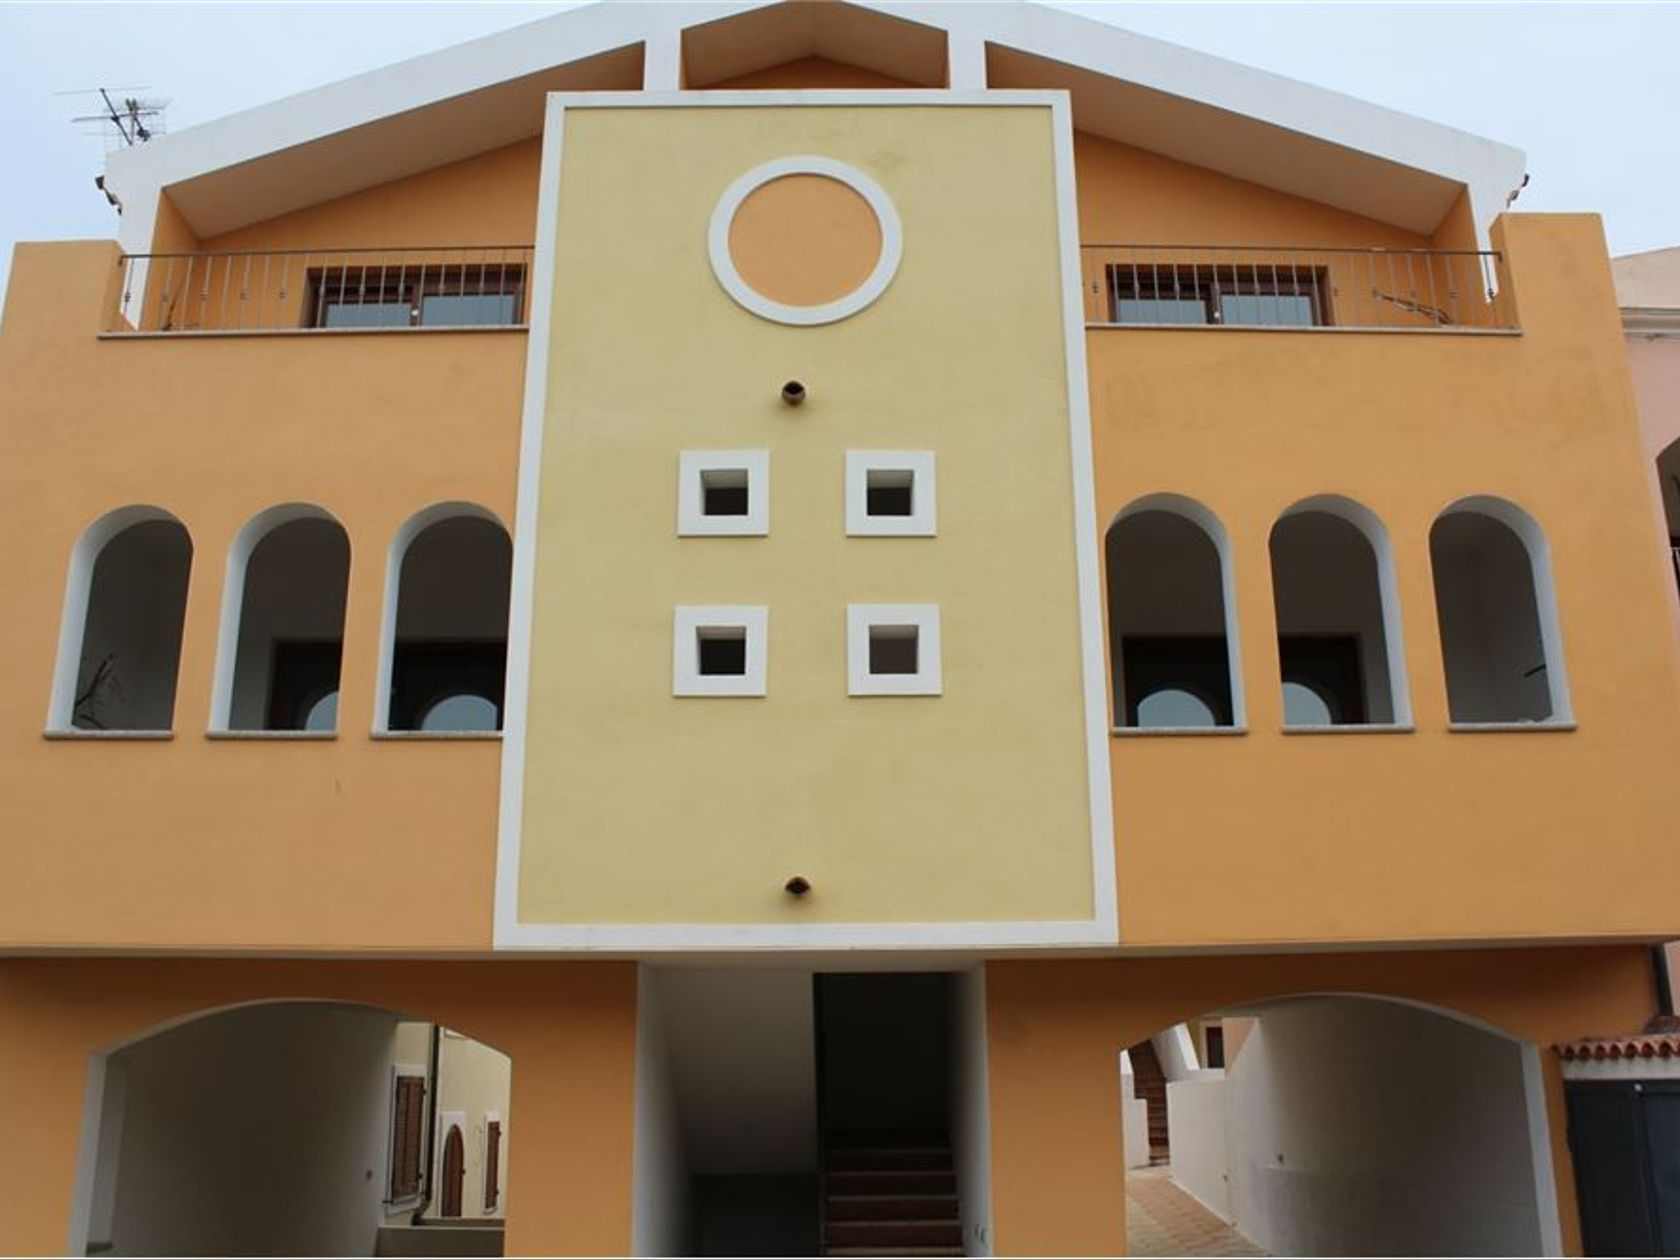 Appartamento Santa Teresa Gallura, OT Vendita - Foto 6